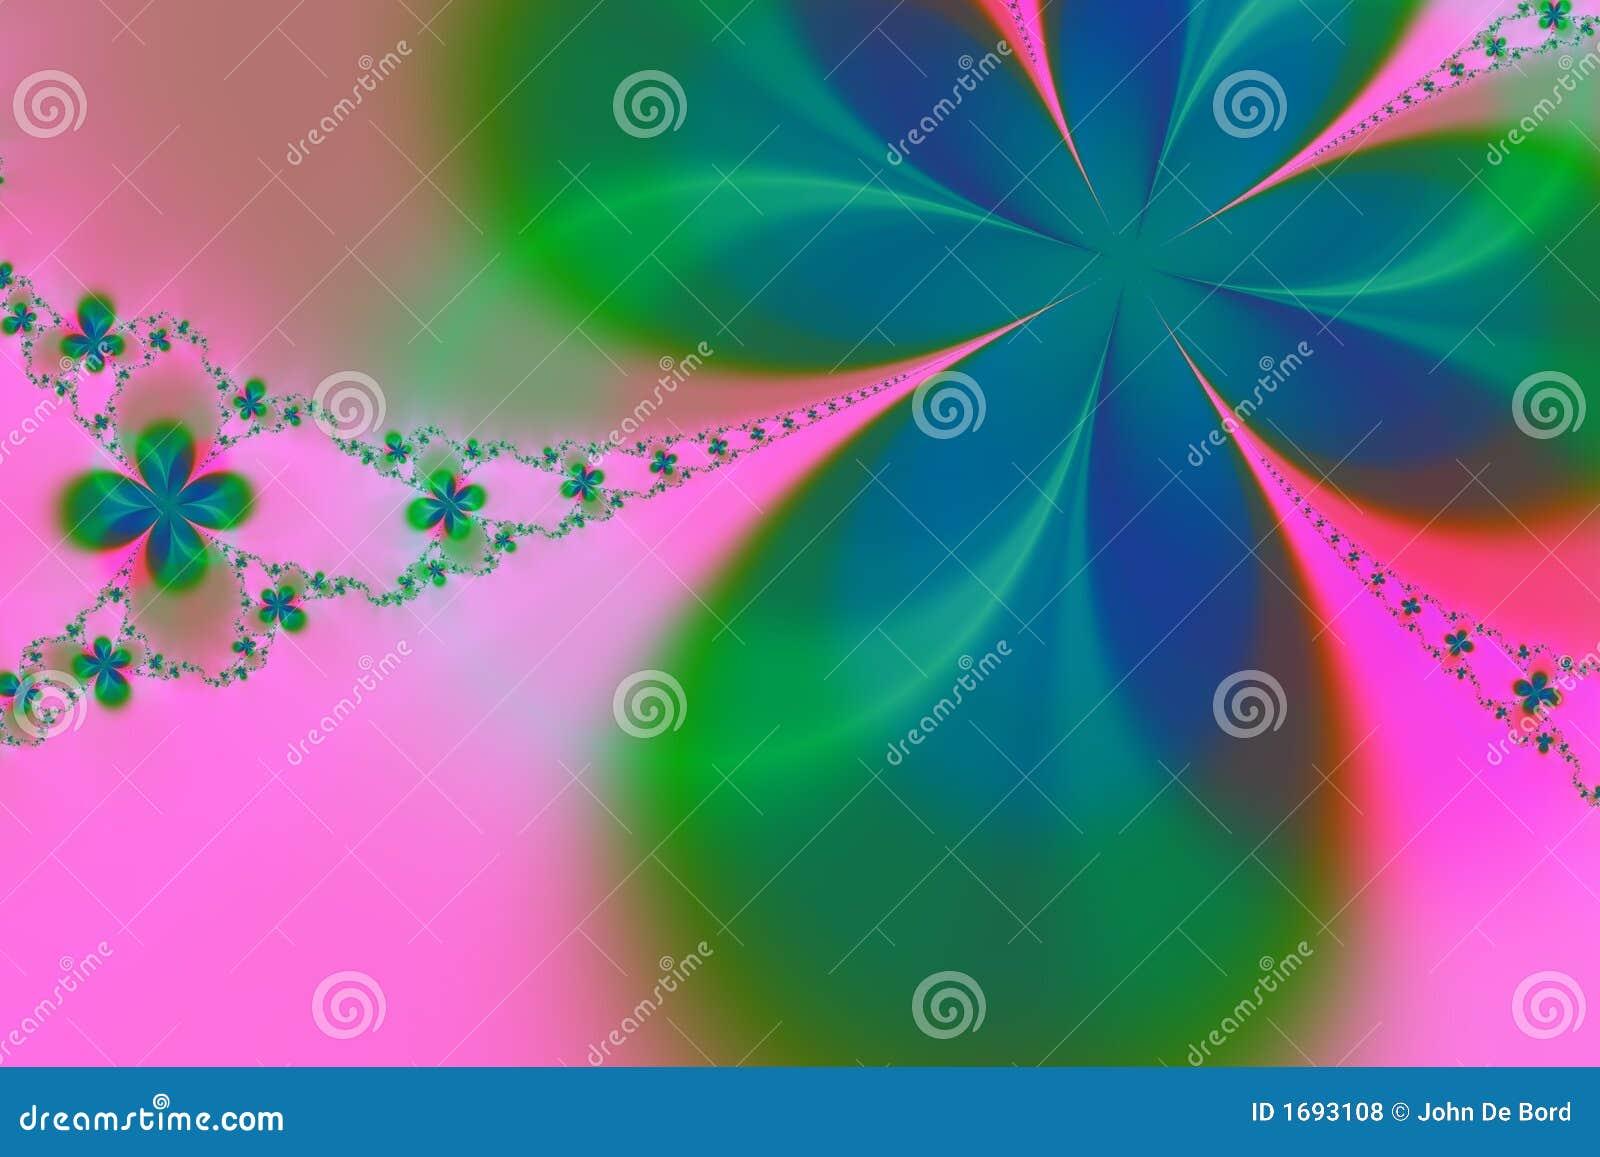 Fondo verde y rosado del fractal de la estrella